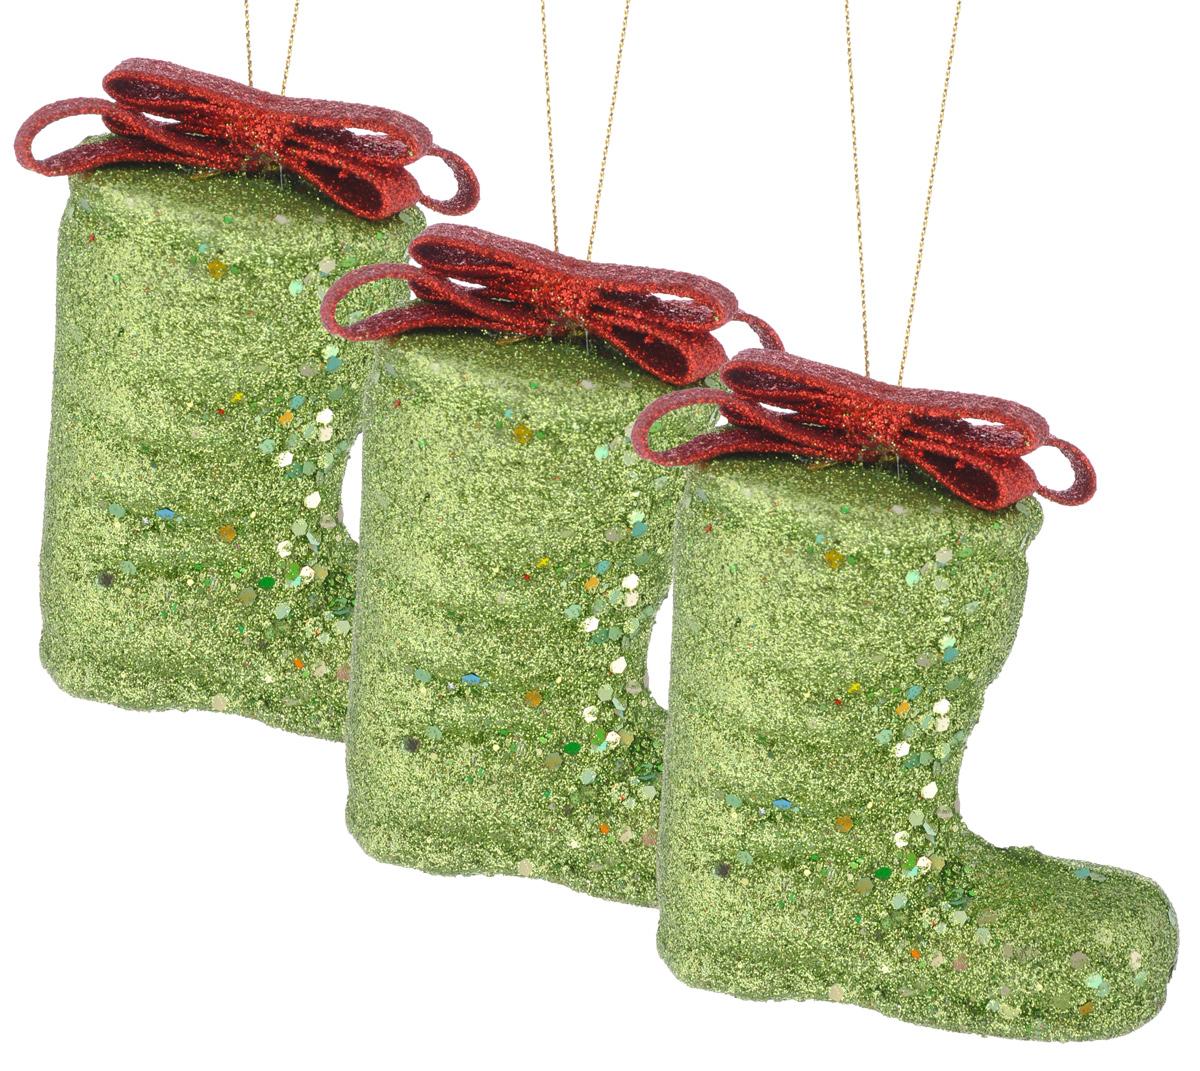 Набор елочных украшений EuroHouse Сапожок, цвет: зеленый, красный, 8 см, 3 штЕХ7438_зелёное золотоНабор новогодних елочных украшений EuroHouse Сапожок прекрасно подойдет для праздничного декора новогодней ели. Набор состоит из 3 пластиковых украшений в виде сапожков, оформленных блестками и бантиками. Для удобного размещения на елке для каждого украшения предусмотрена текстильная петелька. Елочная игрушка - символ Нового года. Она несет в себе волшебство и красоту праздника. Создайте в своем доме атмосферу веселья и радости, украшая новогоднюю елку нарядными игрушками, которые будут из года в год накапливать теплоту воспоминаний. Откройте для себя удивительный мир сказок и грез. Почувствуйте волшебные минуты ожидания праздника, создайте новогоднее настроение вашим дорогим и близким. Высота украшений: 8 см.